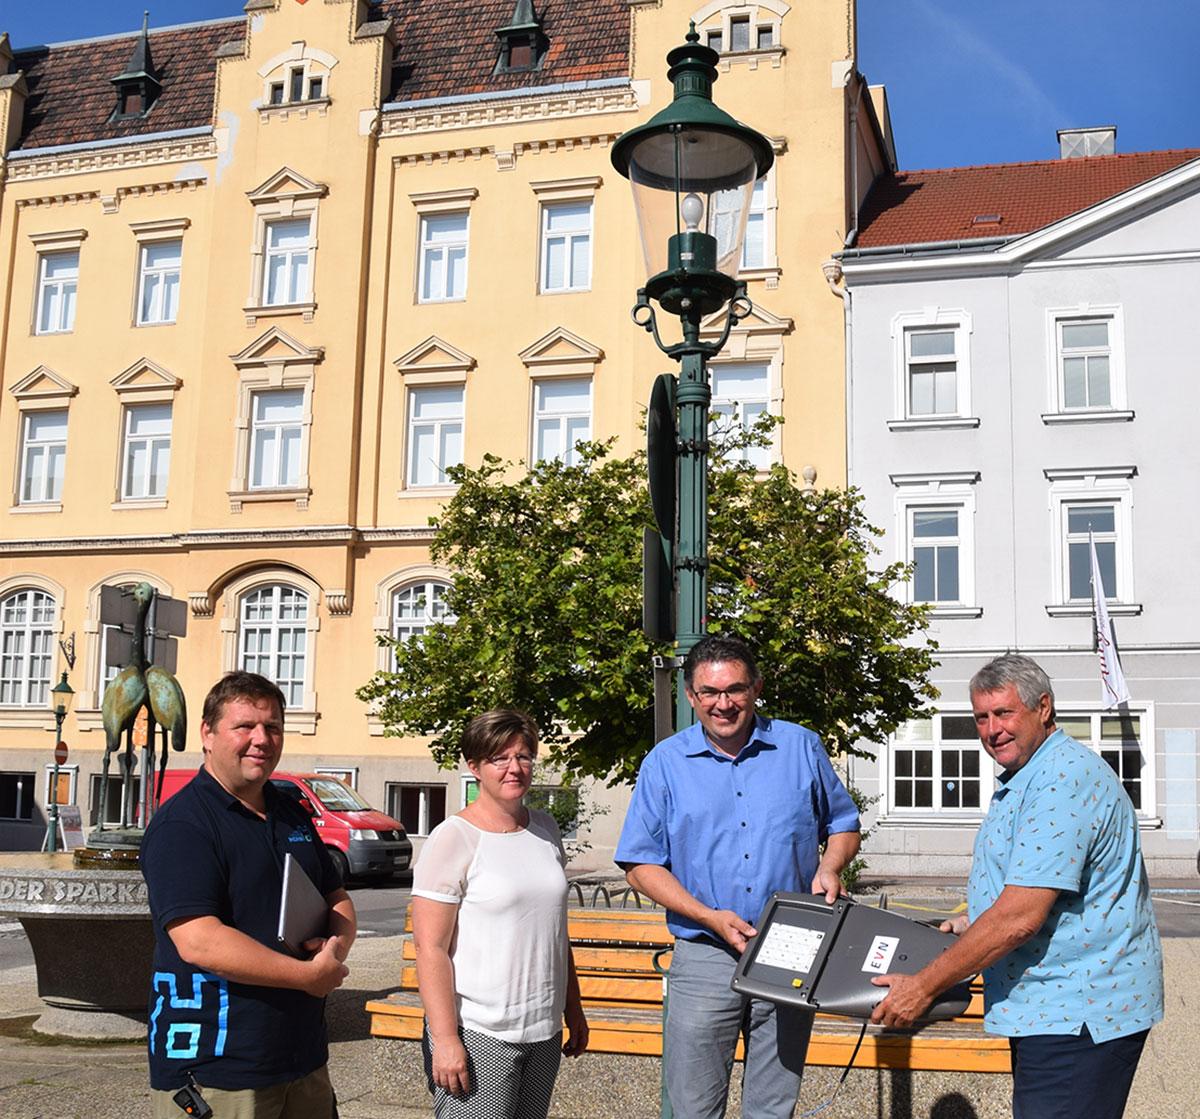 Stadtgemeinde Horn spart 85.000 Euro pro Jahr durch Umrüstung auf LED